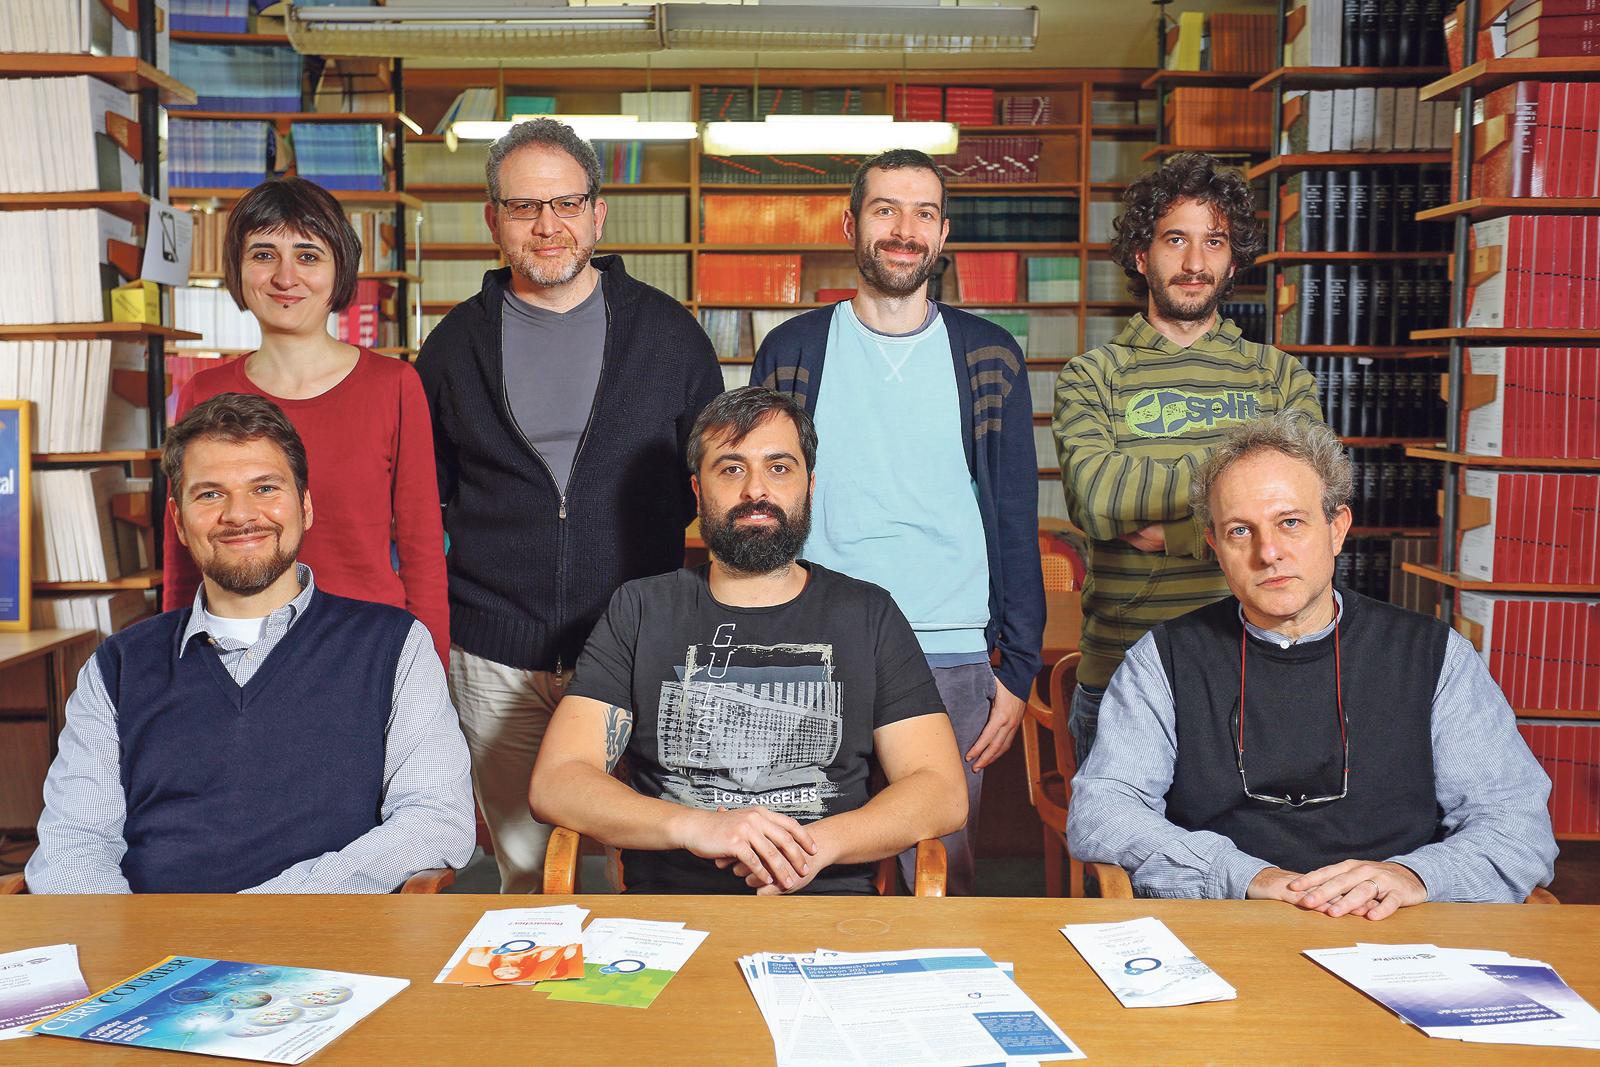 U gornjem redu: Aurora Ponzi, Marco Giampaolo, Luca Grisanti, Jahmall Matteo Brisanti, u donjem redu: Fabio Franchini, Alessio Maiezza i Stefano Mezasalma